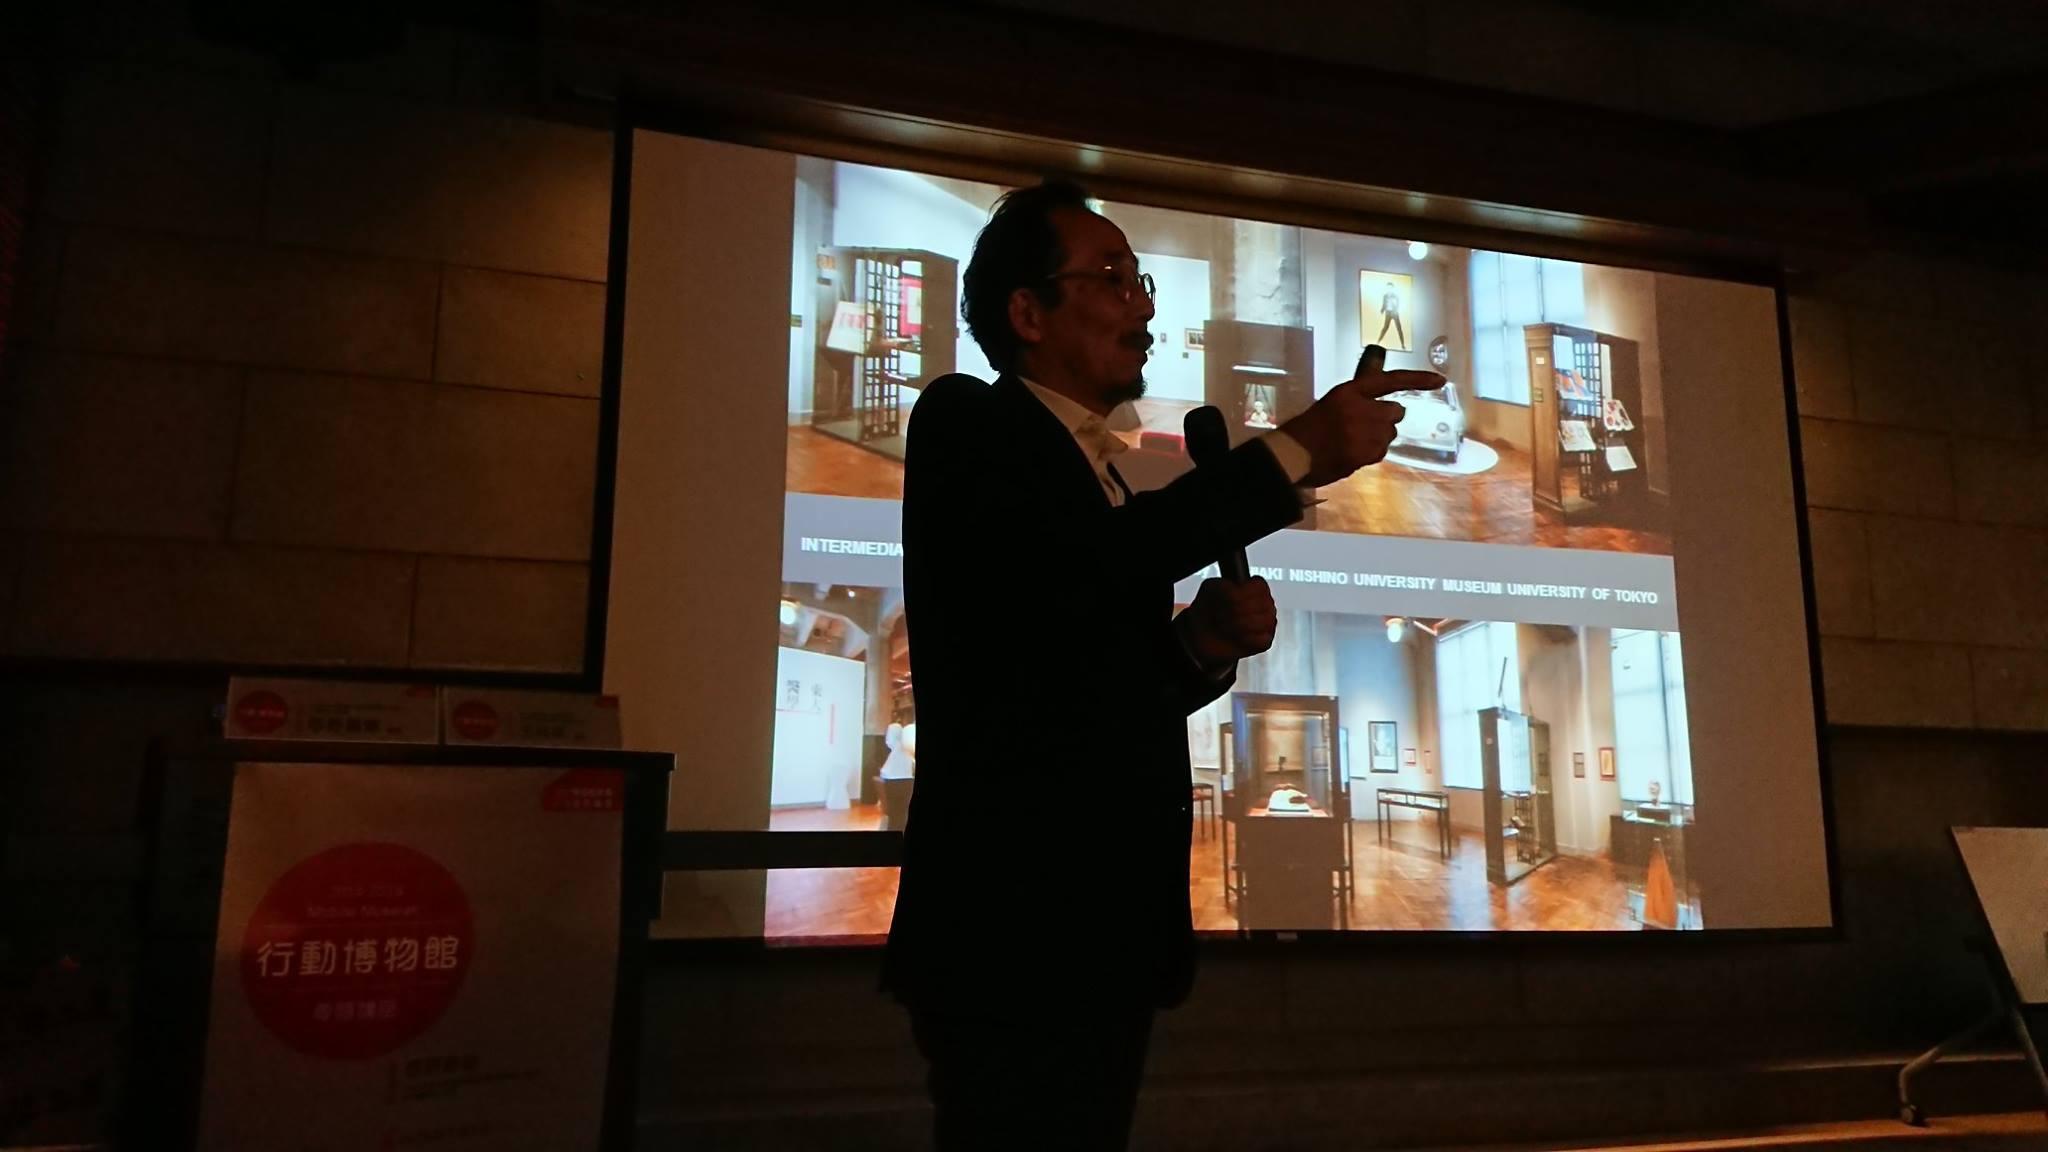 【新訊】西野嘉章訪台 以「行動博物館」探討博物館的永續經營之道